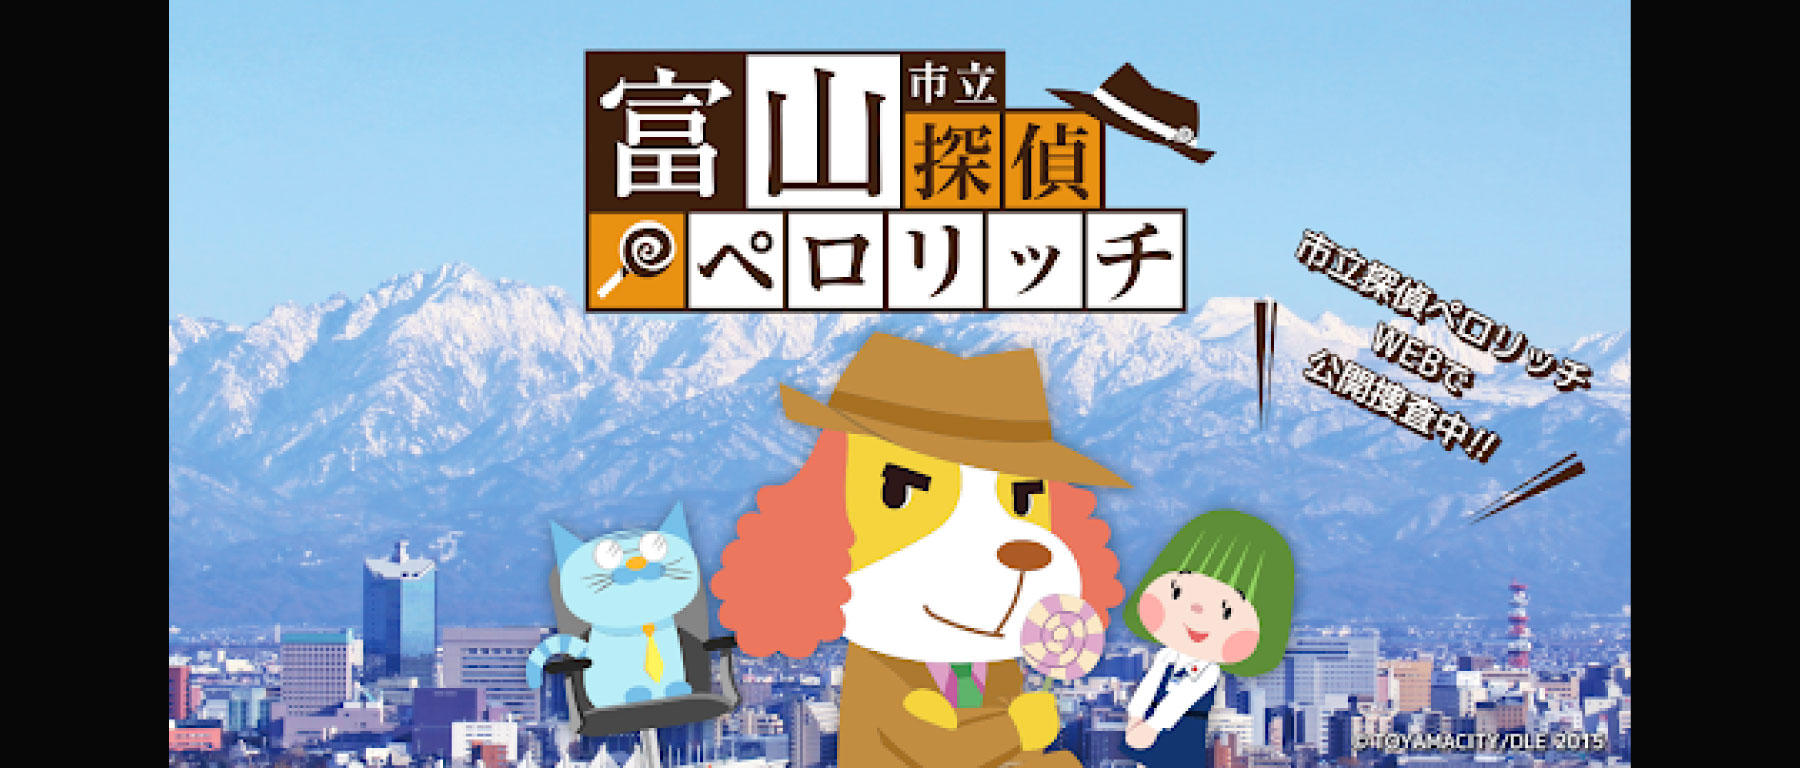 オリジナルキャラクターと動画投稿を活用したシティプロモーションを実施「富山市立探偵ペロリッチ」